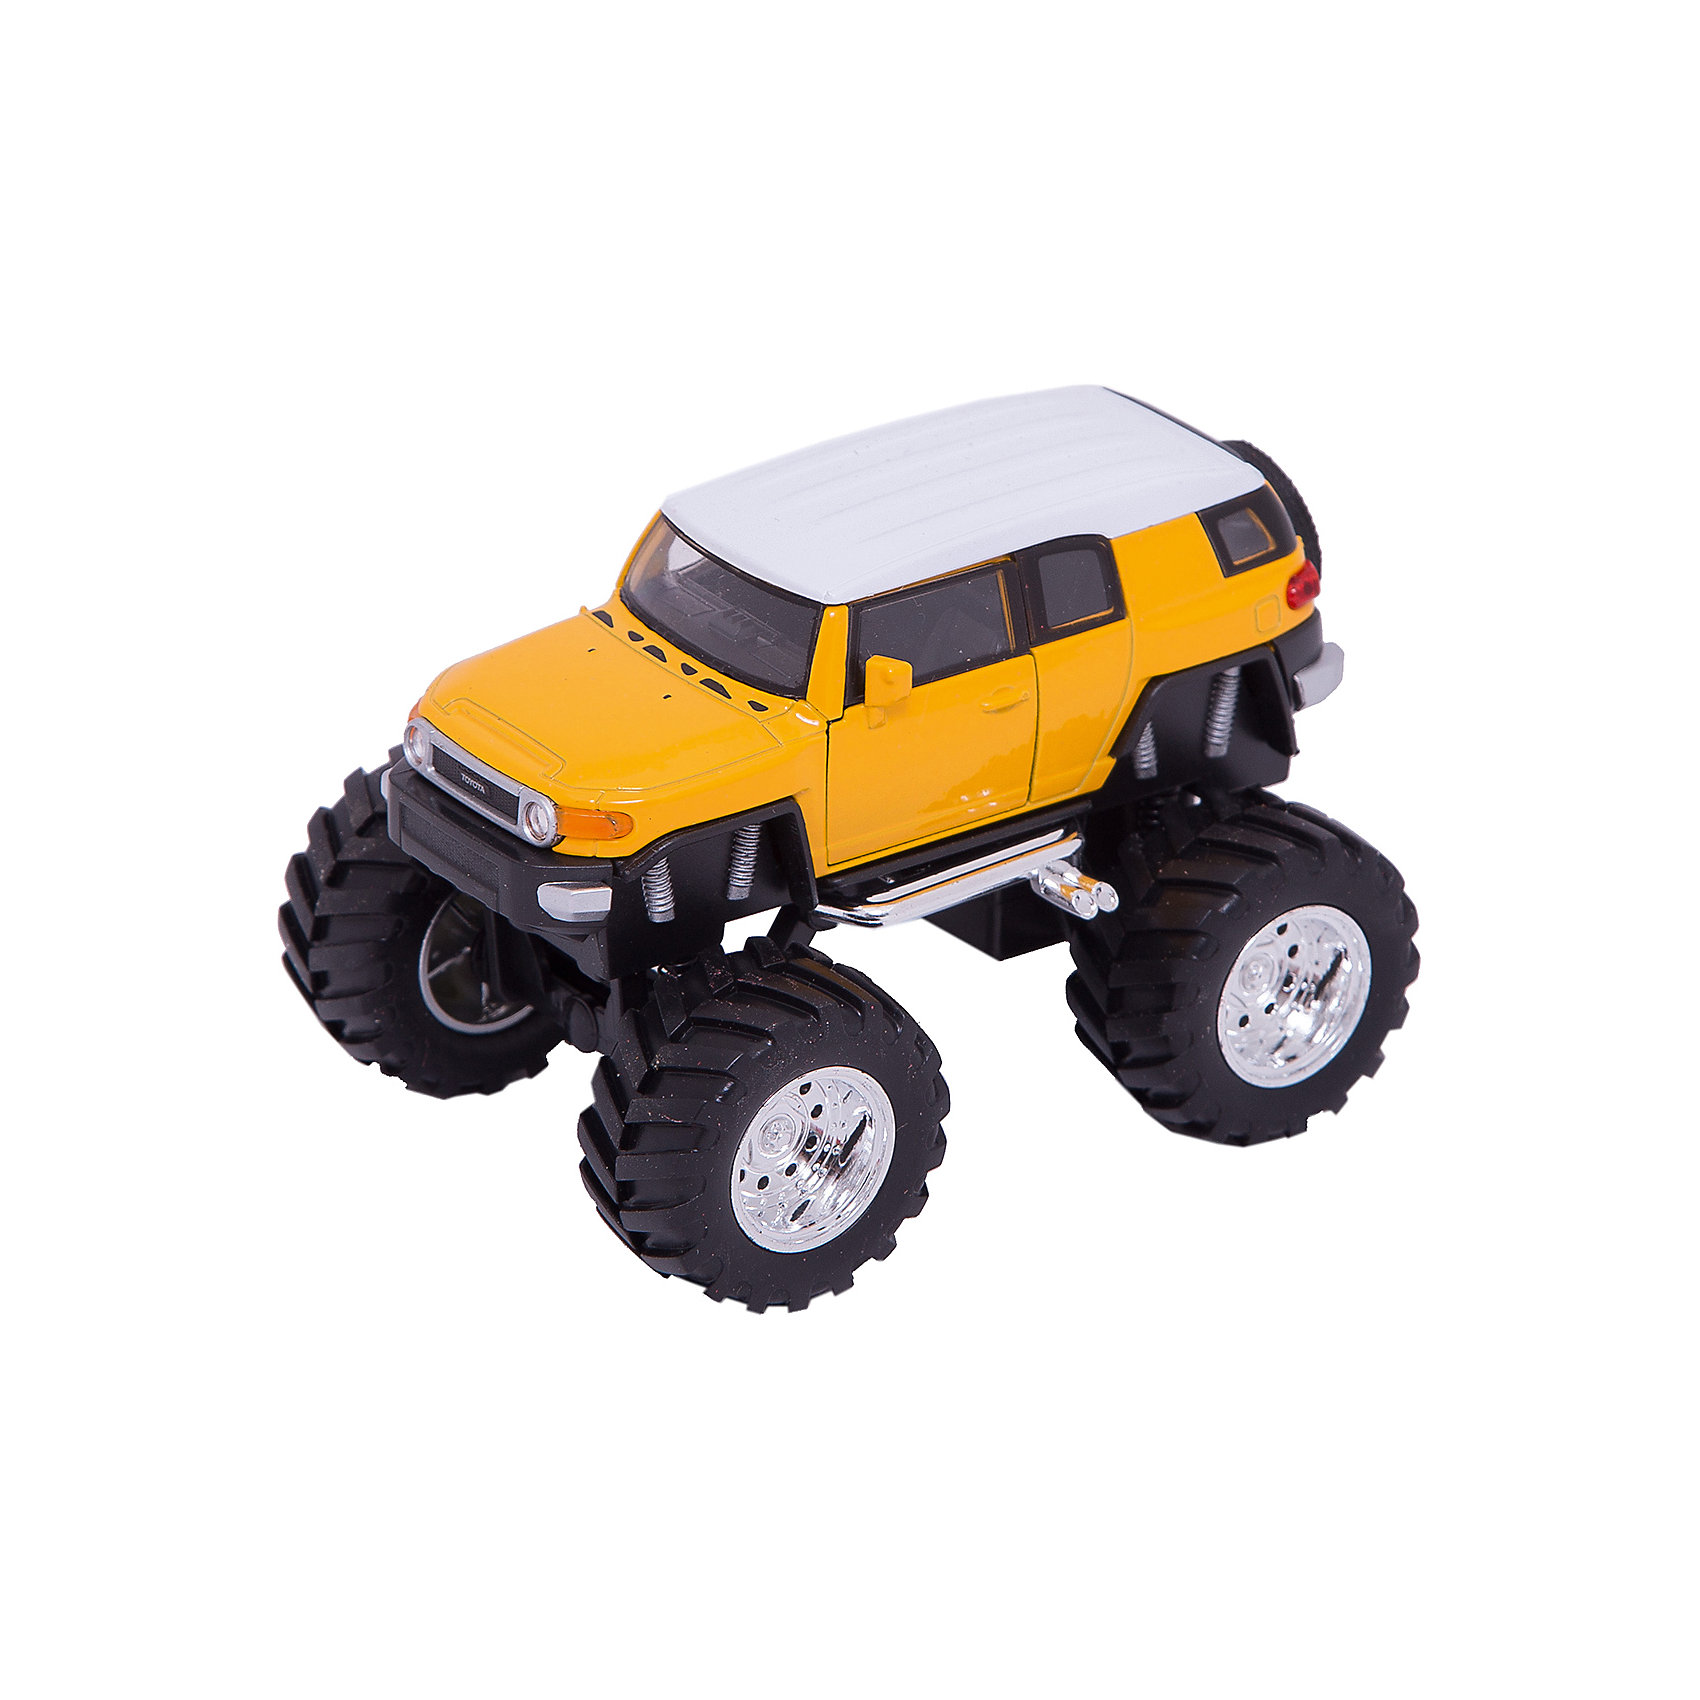 Модель машины 1:34-39 Toyota FJ Cruiser Big Wheel, WellyКоллекционные модели<br>Коллекционная модель автомобиля Toyota FJ Cruiser на больших колесах, выполненная в масштабе 1:34-39. Корпус автомобиля выполнен из пластика, колеса – из резины, авто оснащено мощными металлическими амортизаторами. Цвет кузова представлен в ассортименте, выбранный вариант в поставке не гарантирован.<br><br>Ширина мм: 155<br>Глубина мм: 95<br>Высота мм: 100<br>Вес г: 288<br>Возраст от месяцев: 36<br>Возраст до месяцев: 192<br>Пол: Мужской<br>Возраст: Детский<br>SKU: 4966552